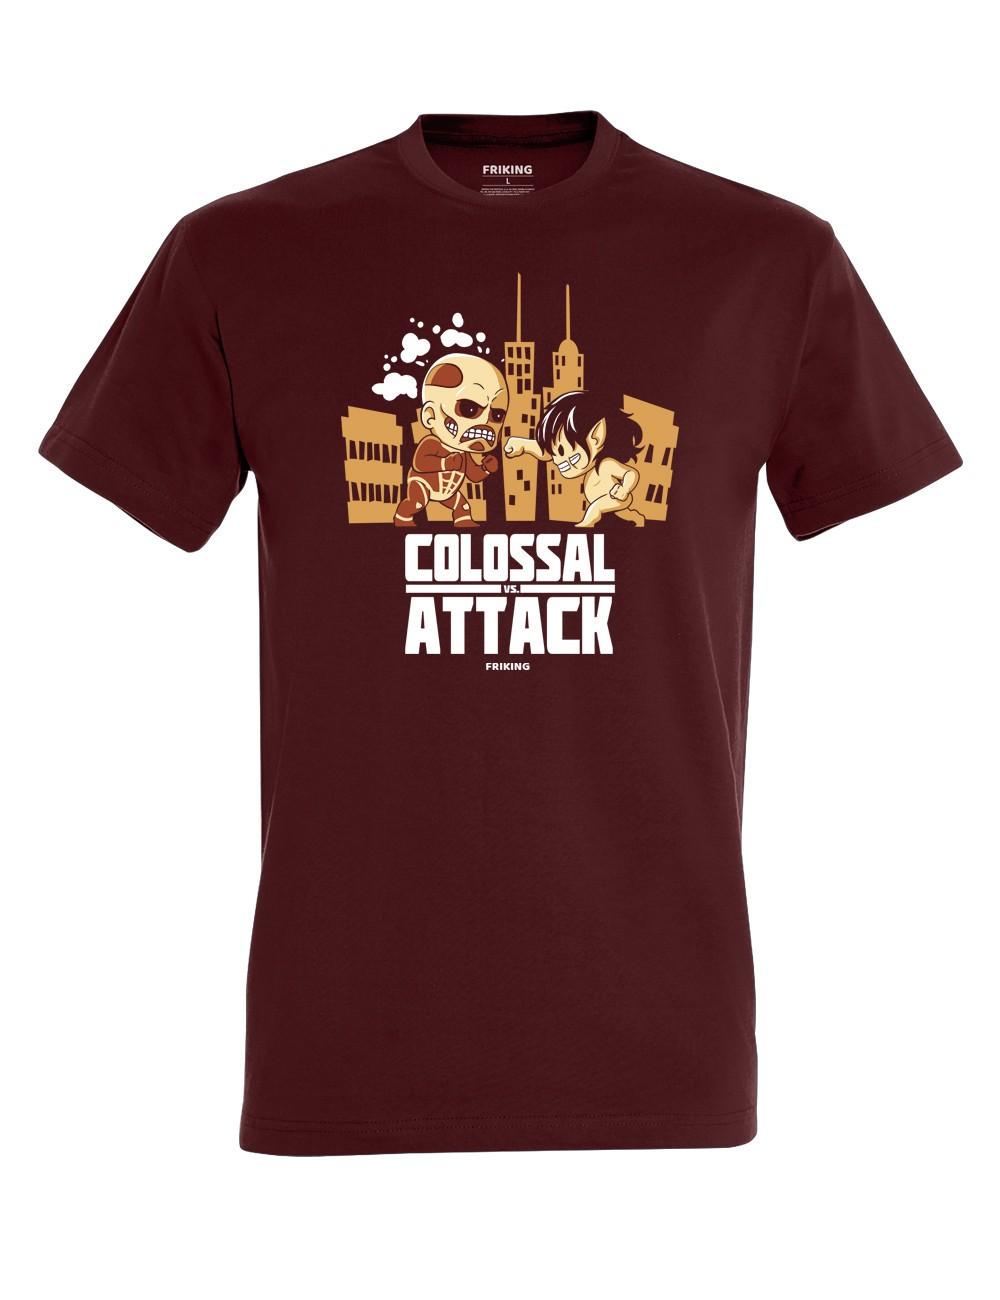 Colossal vs Attack